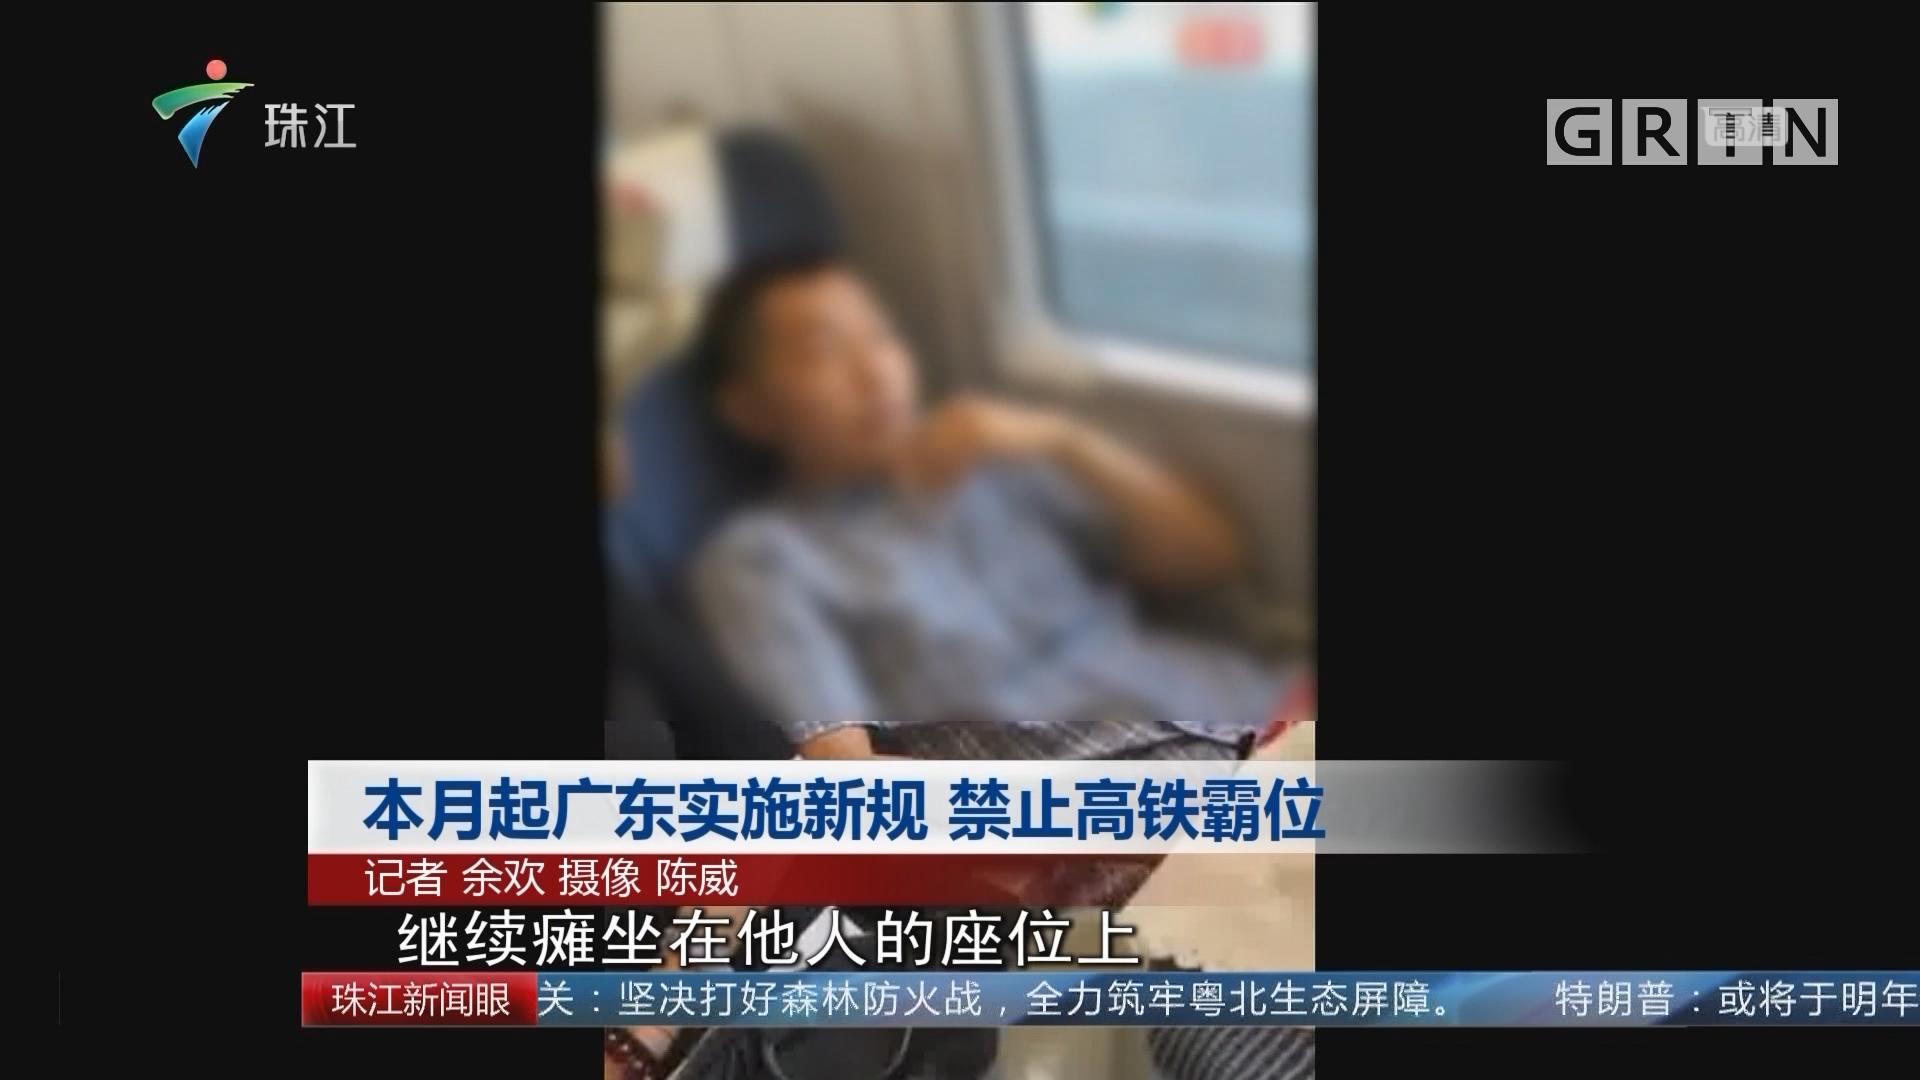 本月起廣東實施新規 禁止高鐵霸位